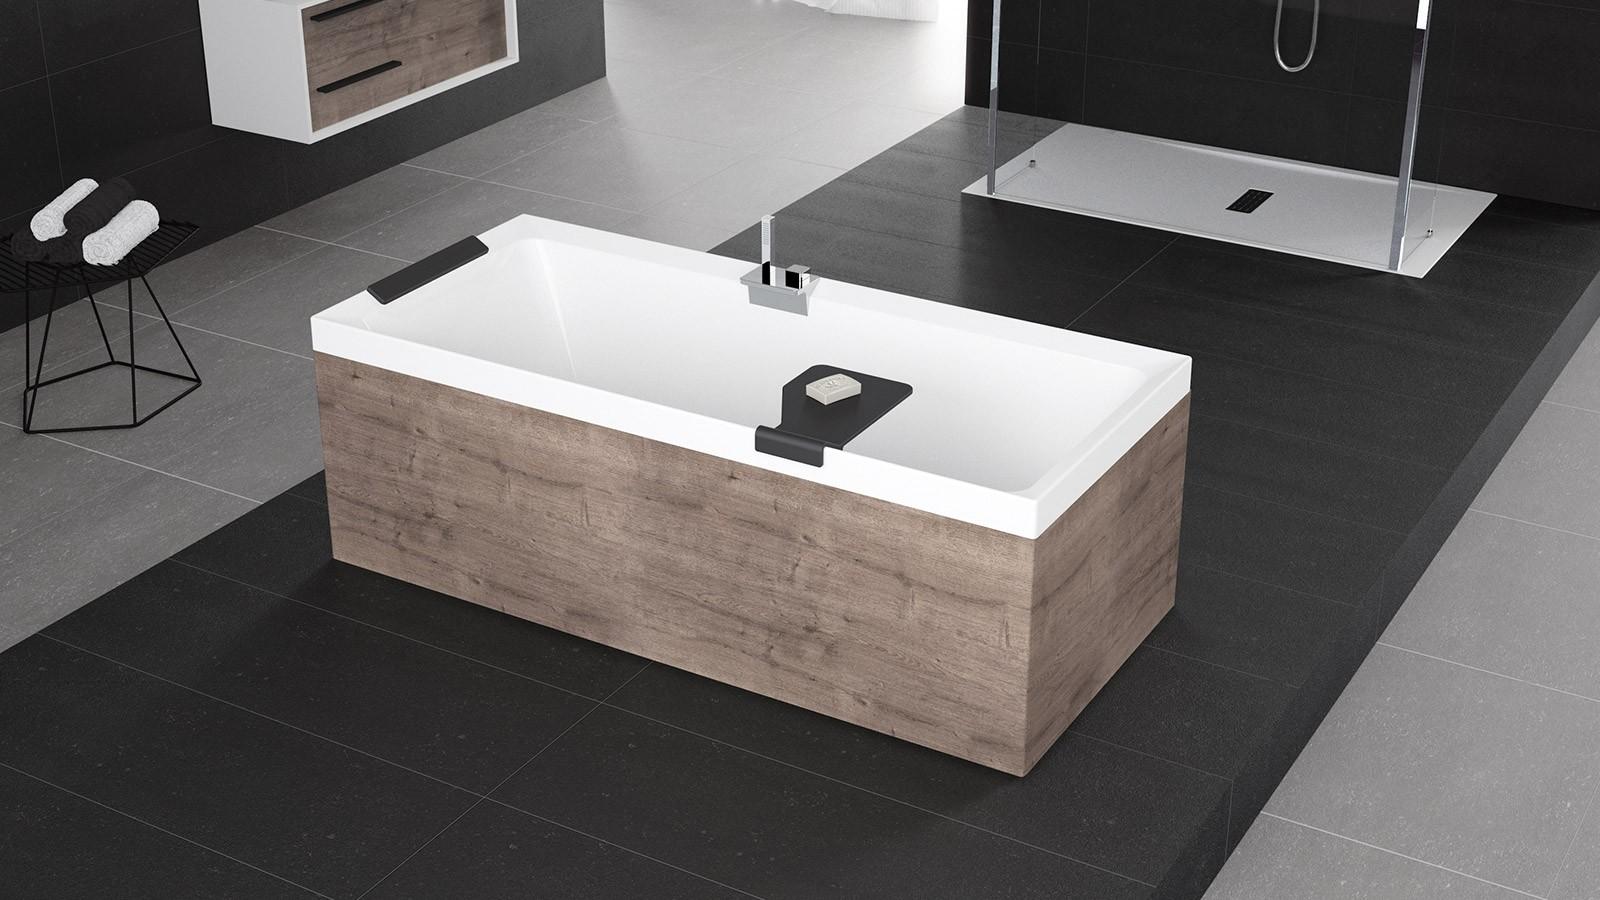 Vasca Da Bagno Nuova : La nuova vasca da bagno diva della novellini immersione nel